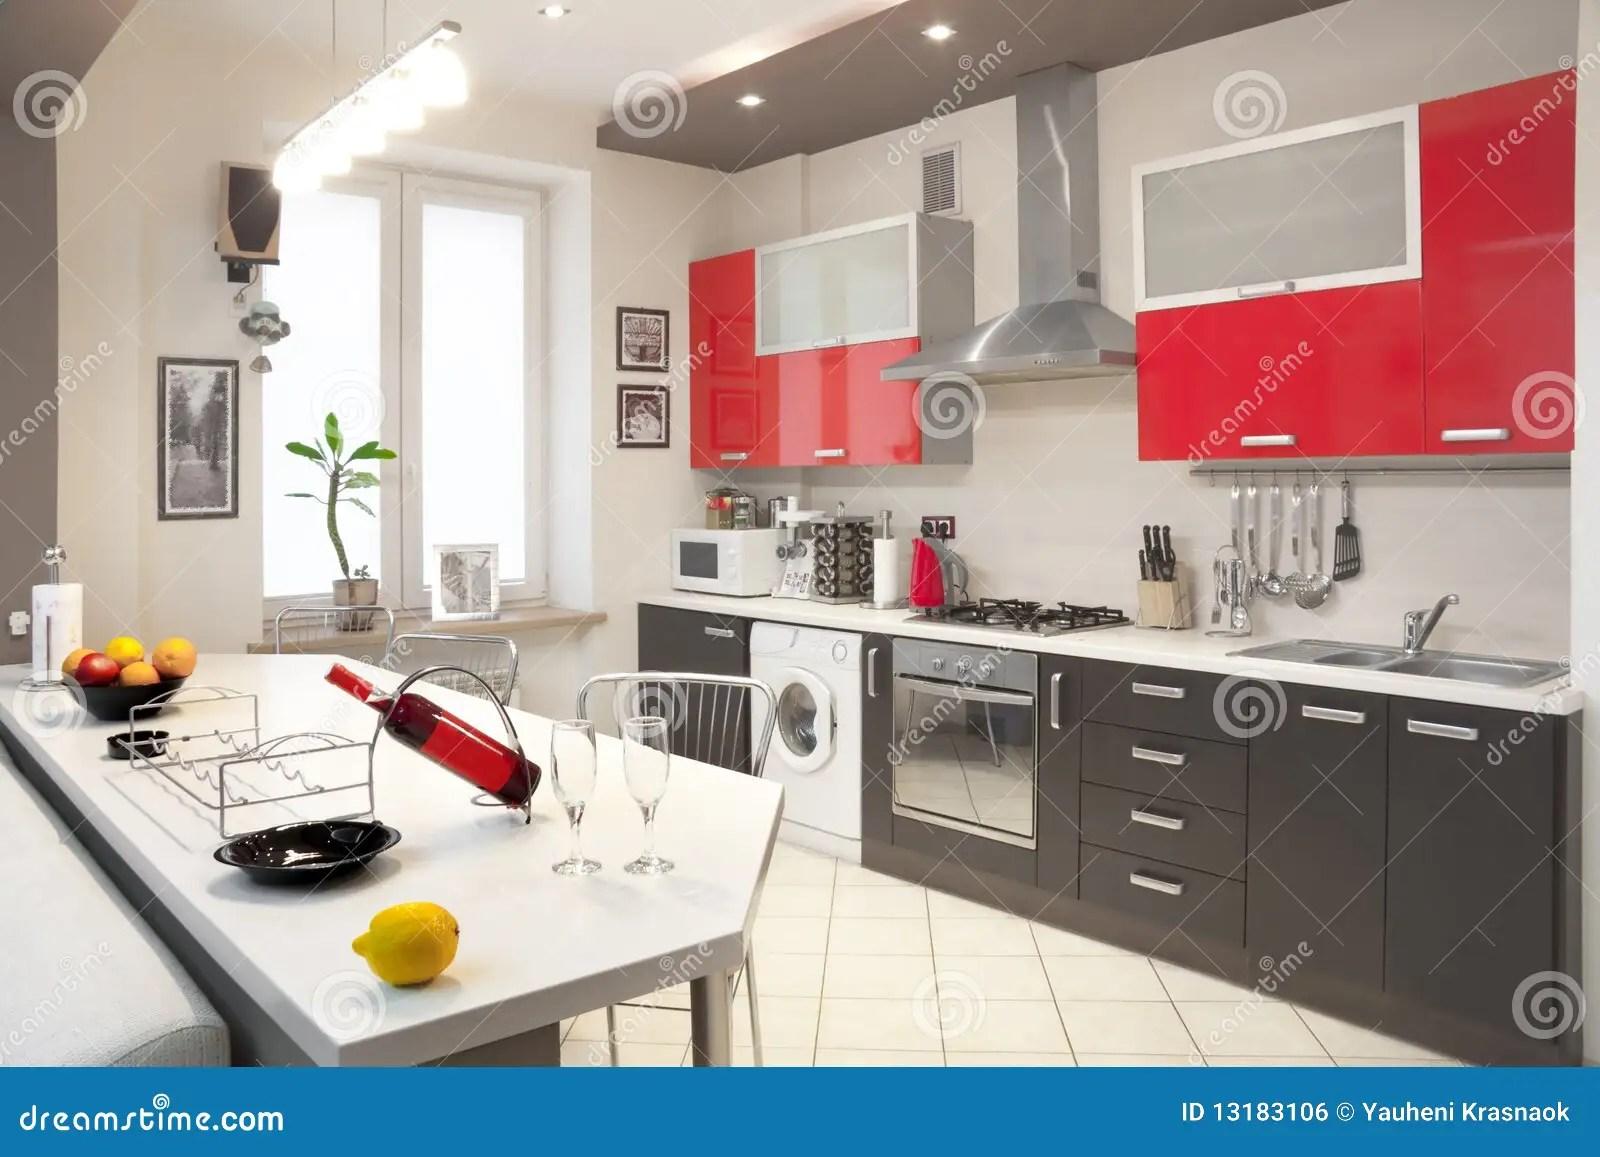 in stock kitchens hotels miami with kitchen 现代内部的厨房库存照片 图片包括有烤箱 大理石 内部 室内 烹饪器材 机柜内部厨房现代红色